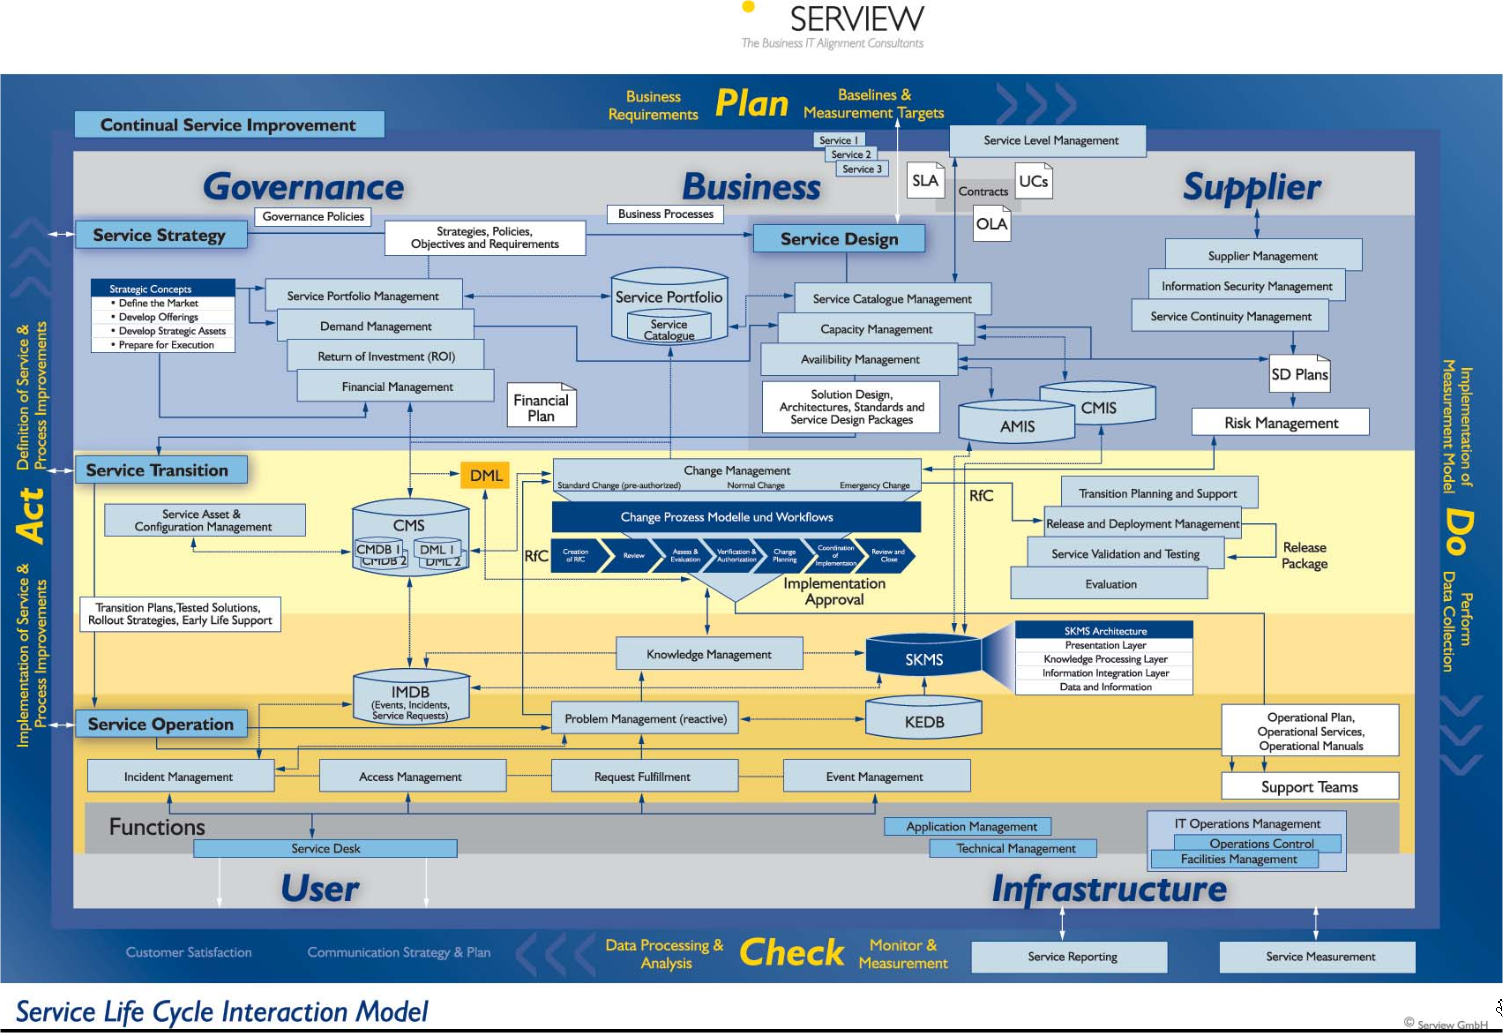 Mapa de processos da biblioteca itil v3 nnnn pinterest mapa de processos da biblioteca itil v3 pooptronica Images